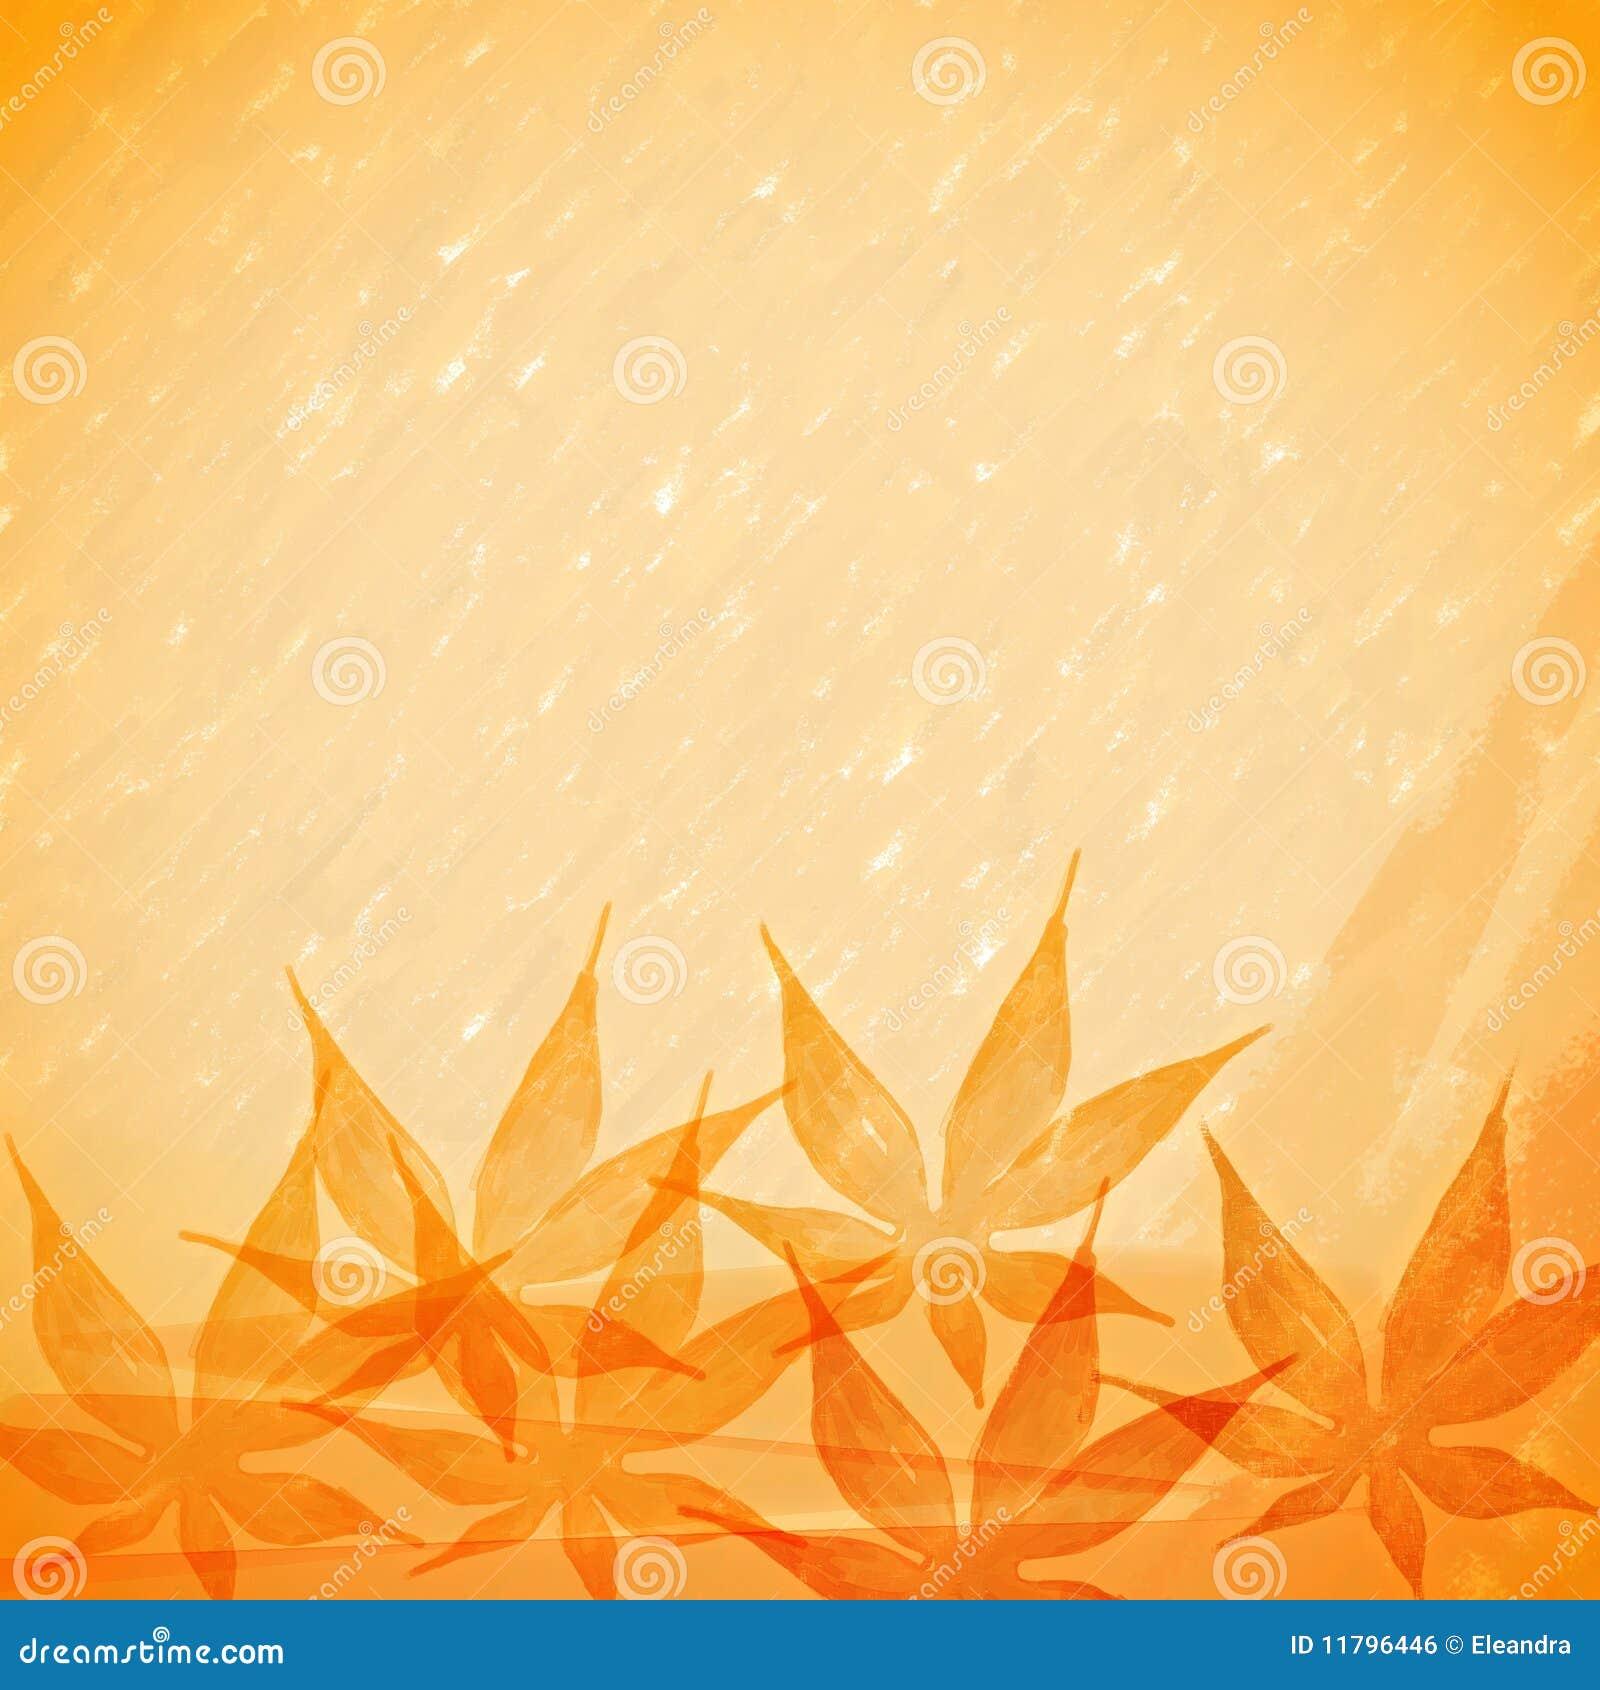 Orange Background Royalty Free Stock Image - Image: 11796446